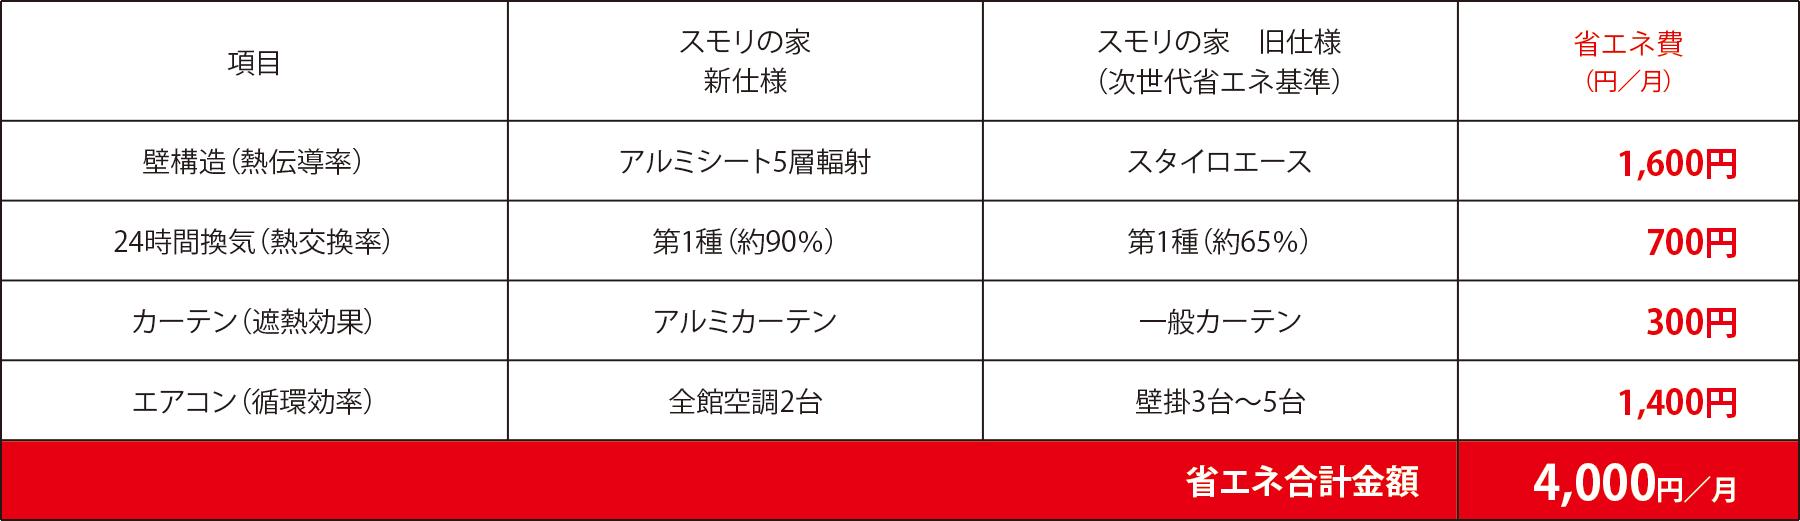 省エネ合計金額 4,000円/月